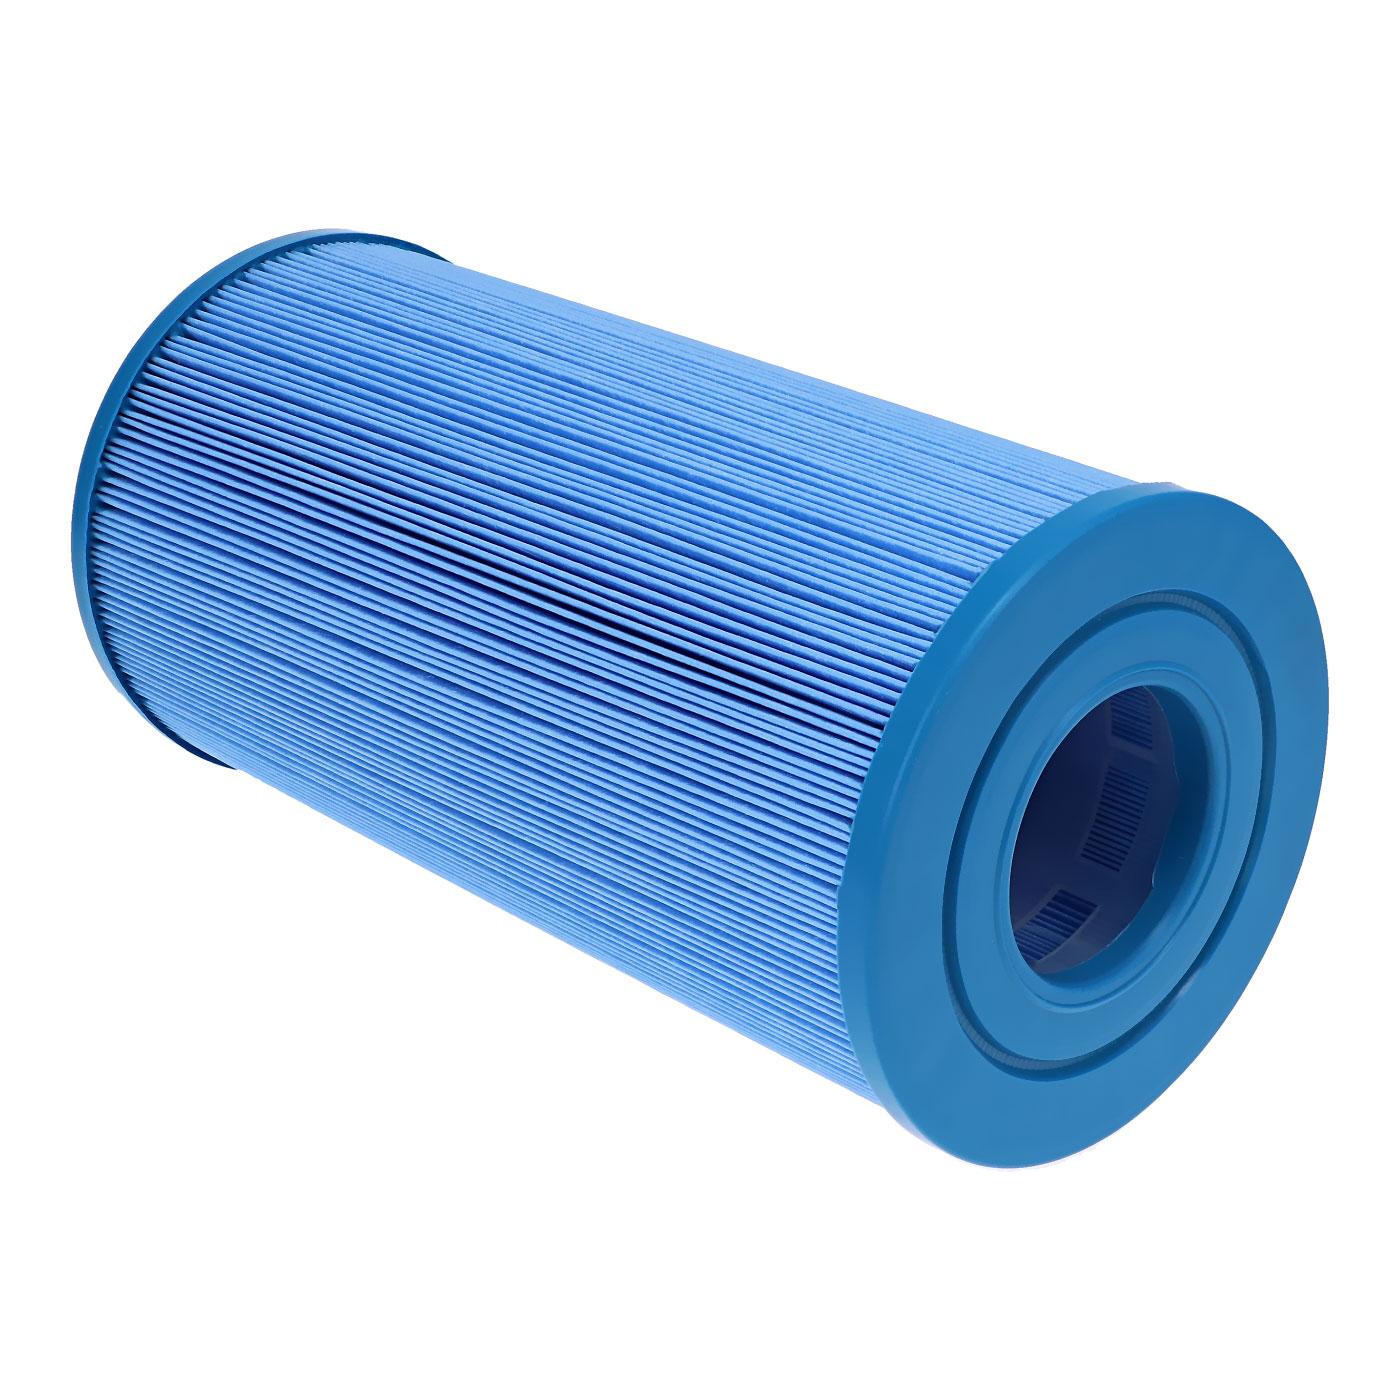 Filtre spa (40353 / C-4335 / PRB35-IN / T-4335 / FC-2385)